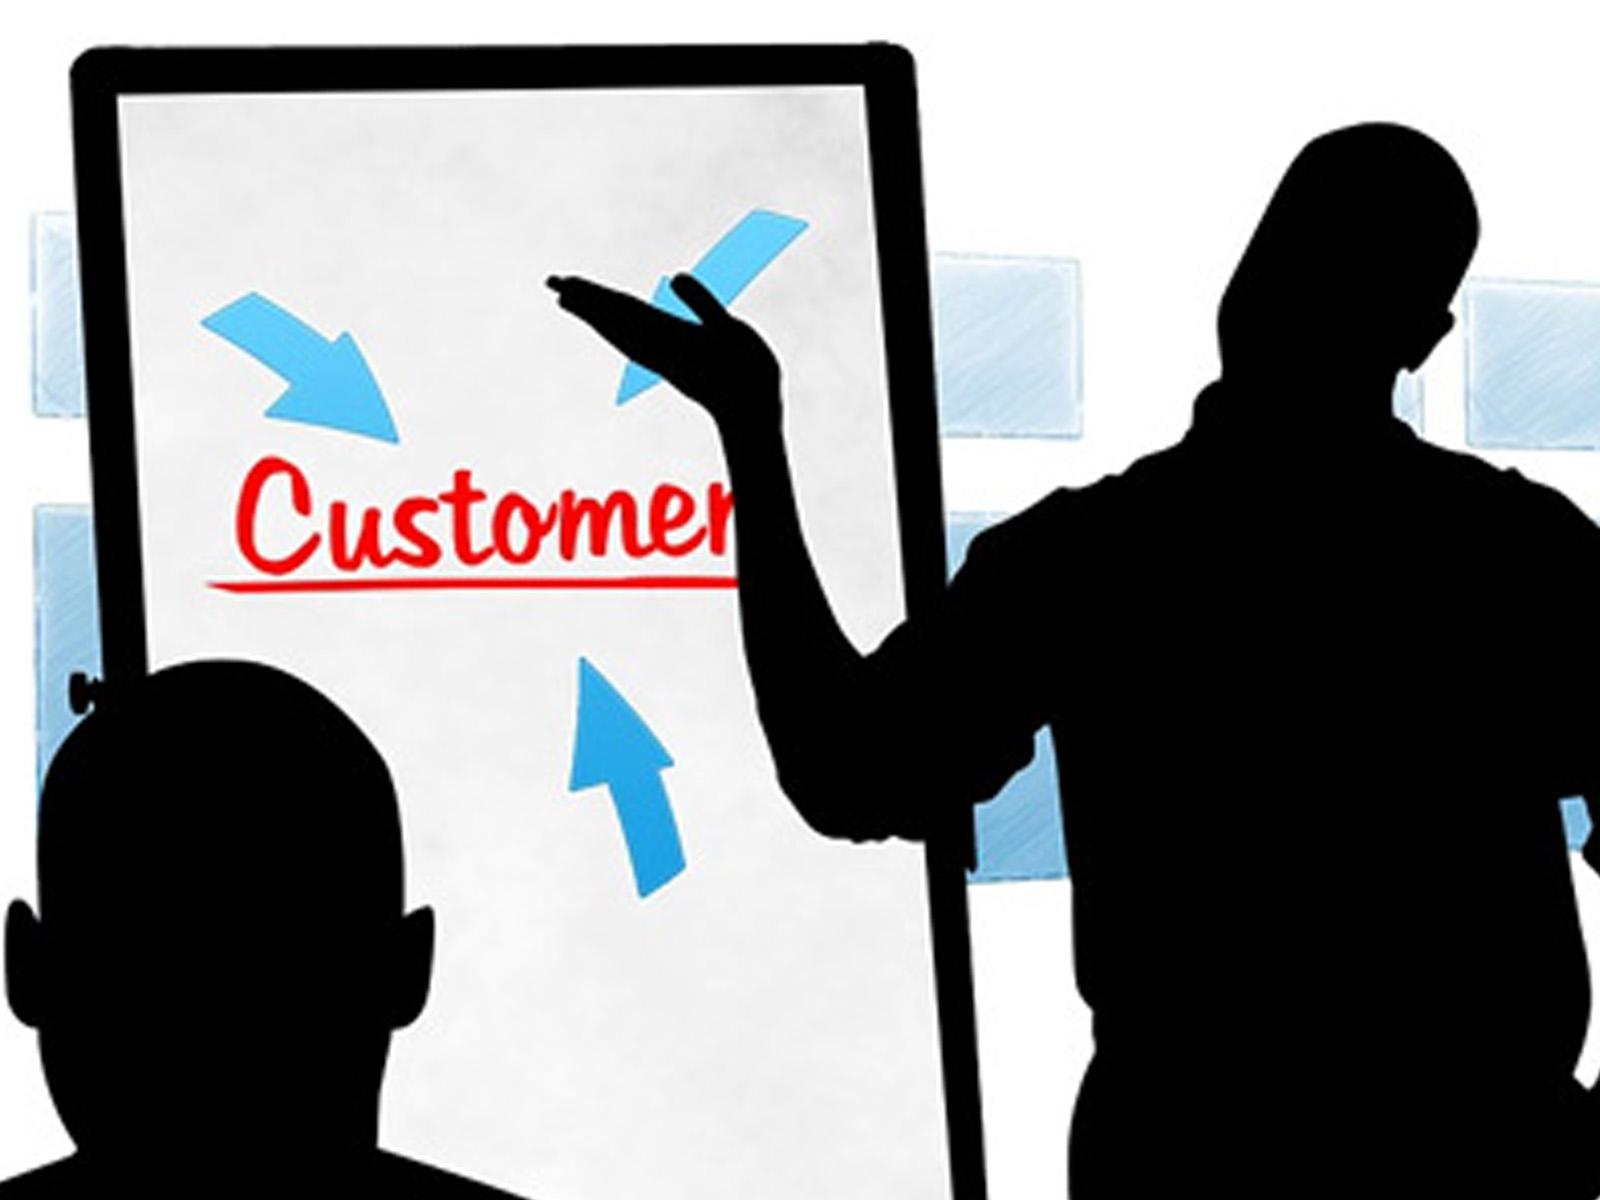 Pahami Kebutuhan Konsumen, Dapatkan Keuntungan Bagi Bisnis Anda